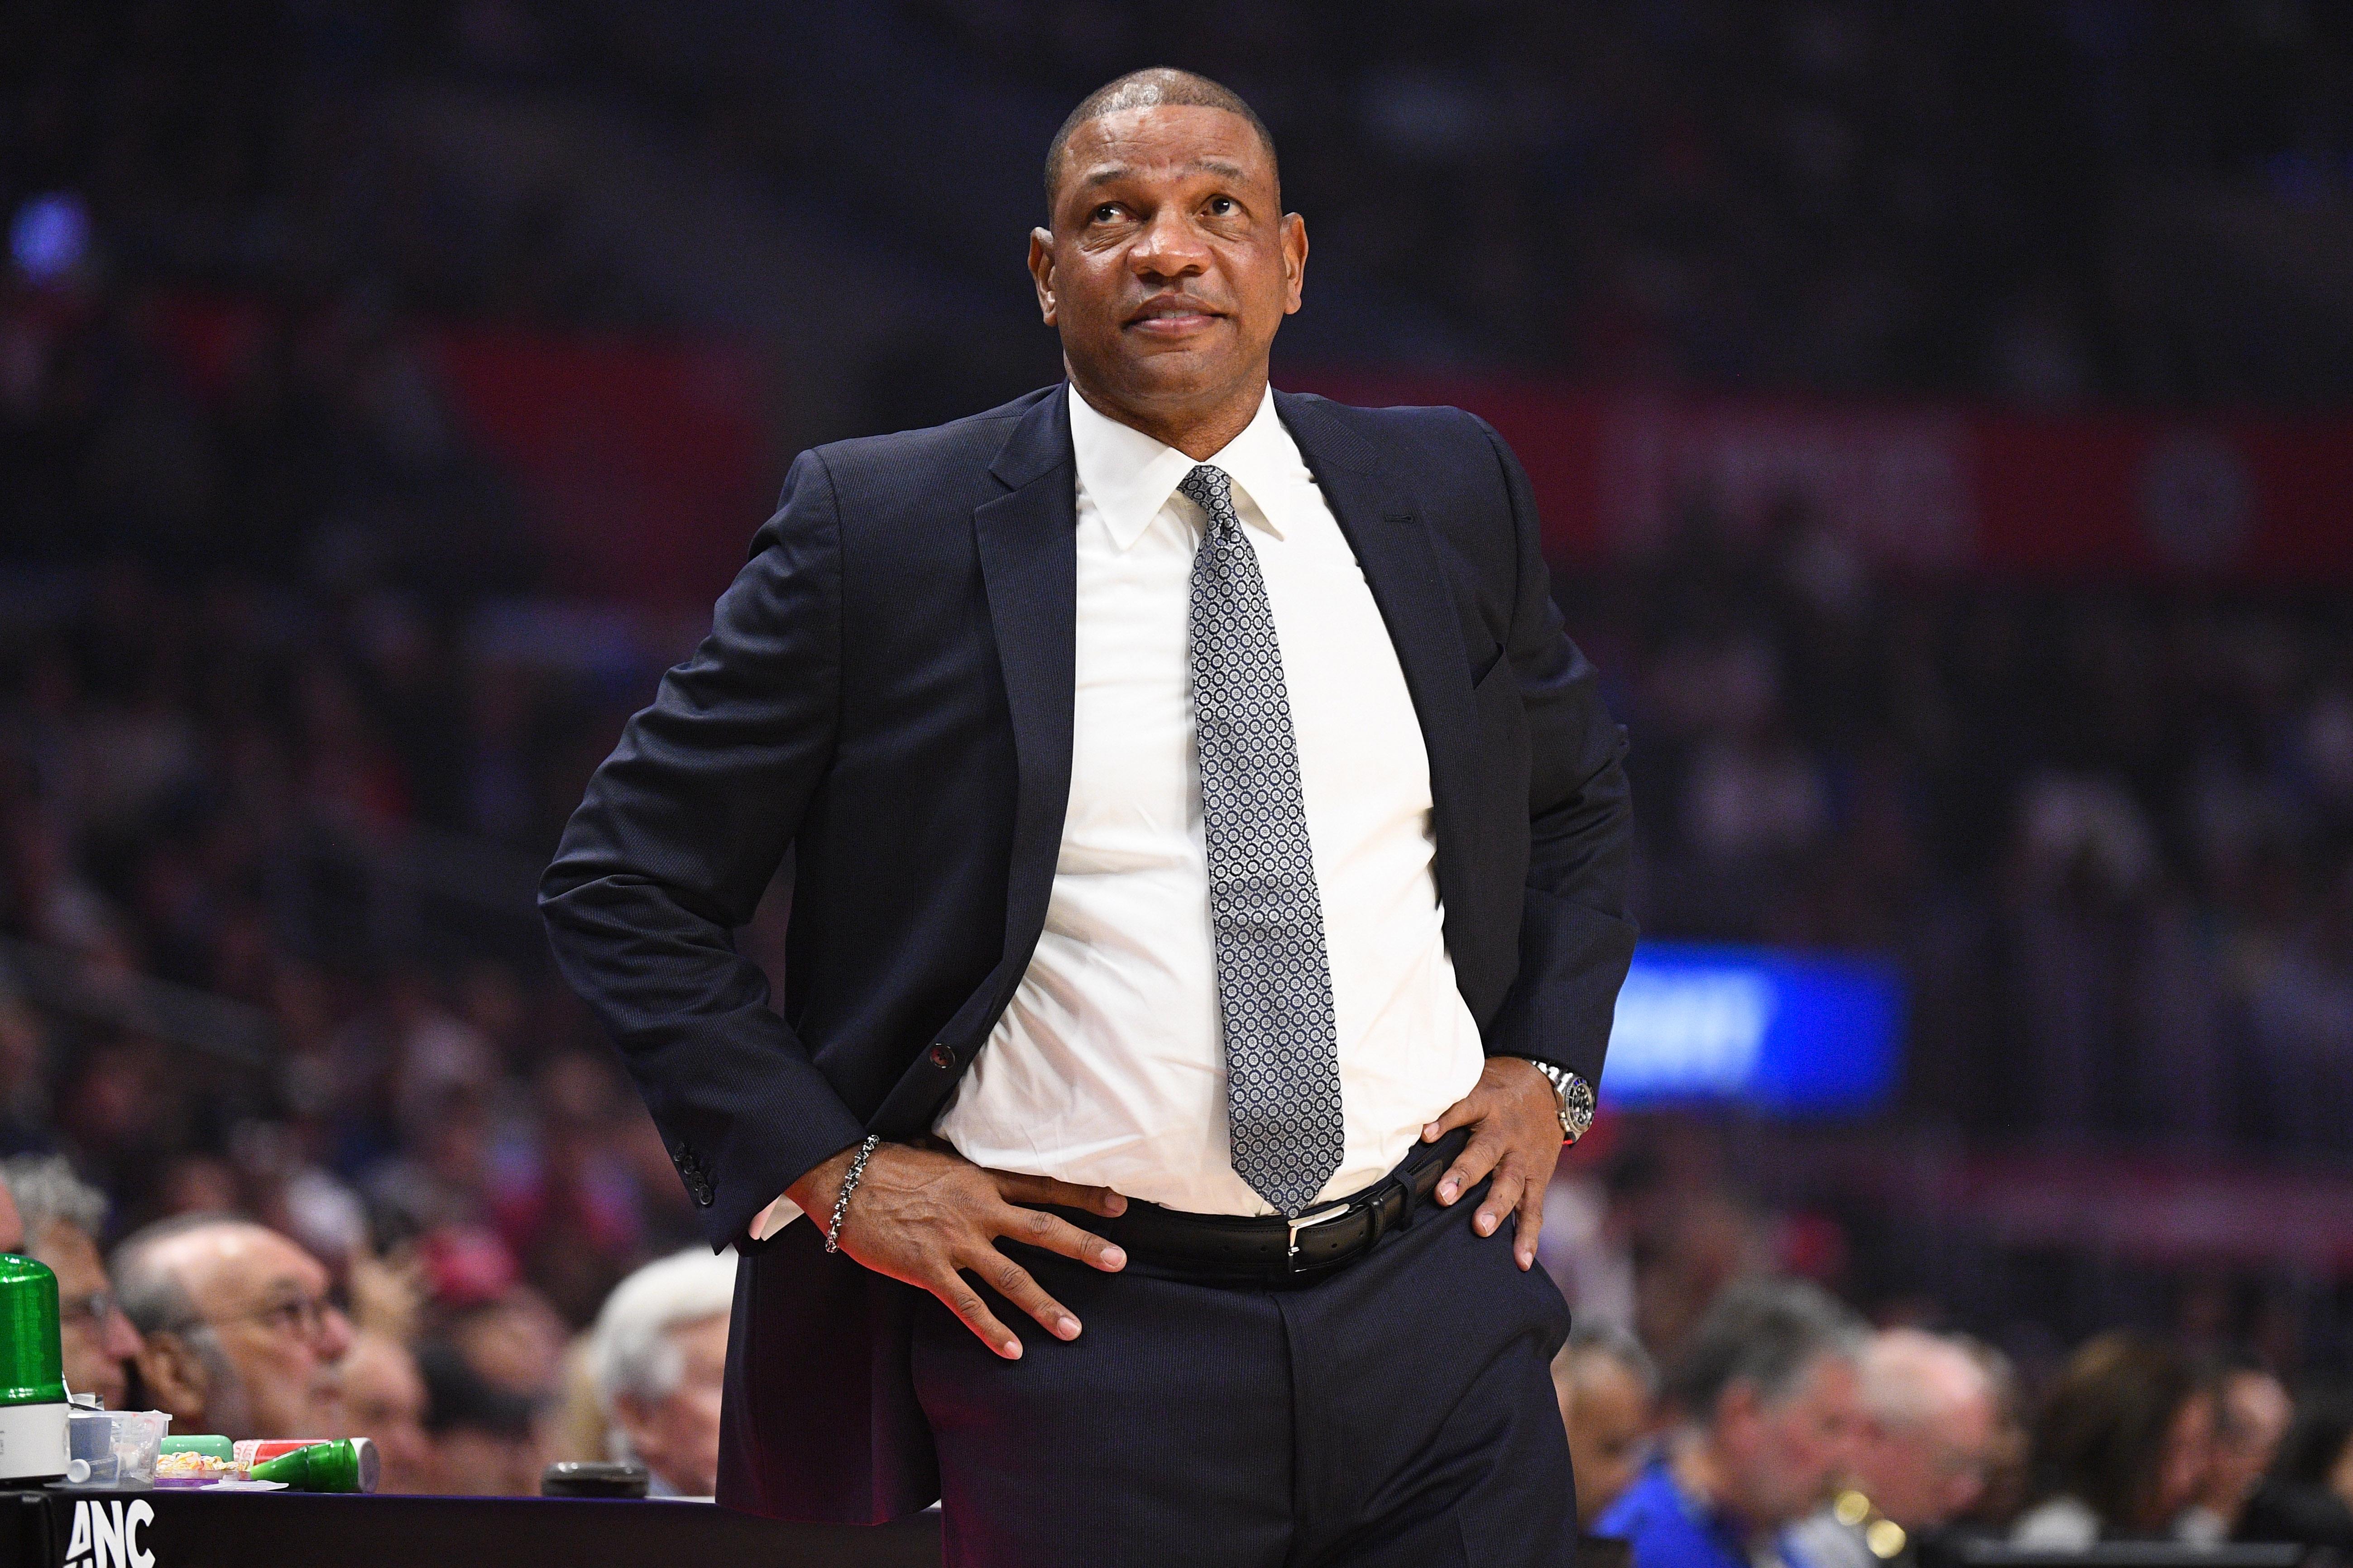 NBA: NOV 18 Thunder at Clippers